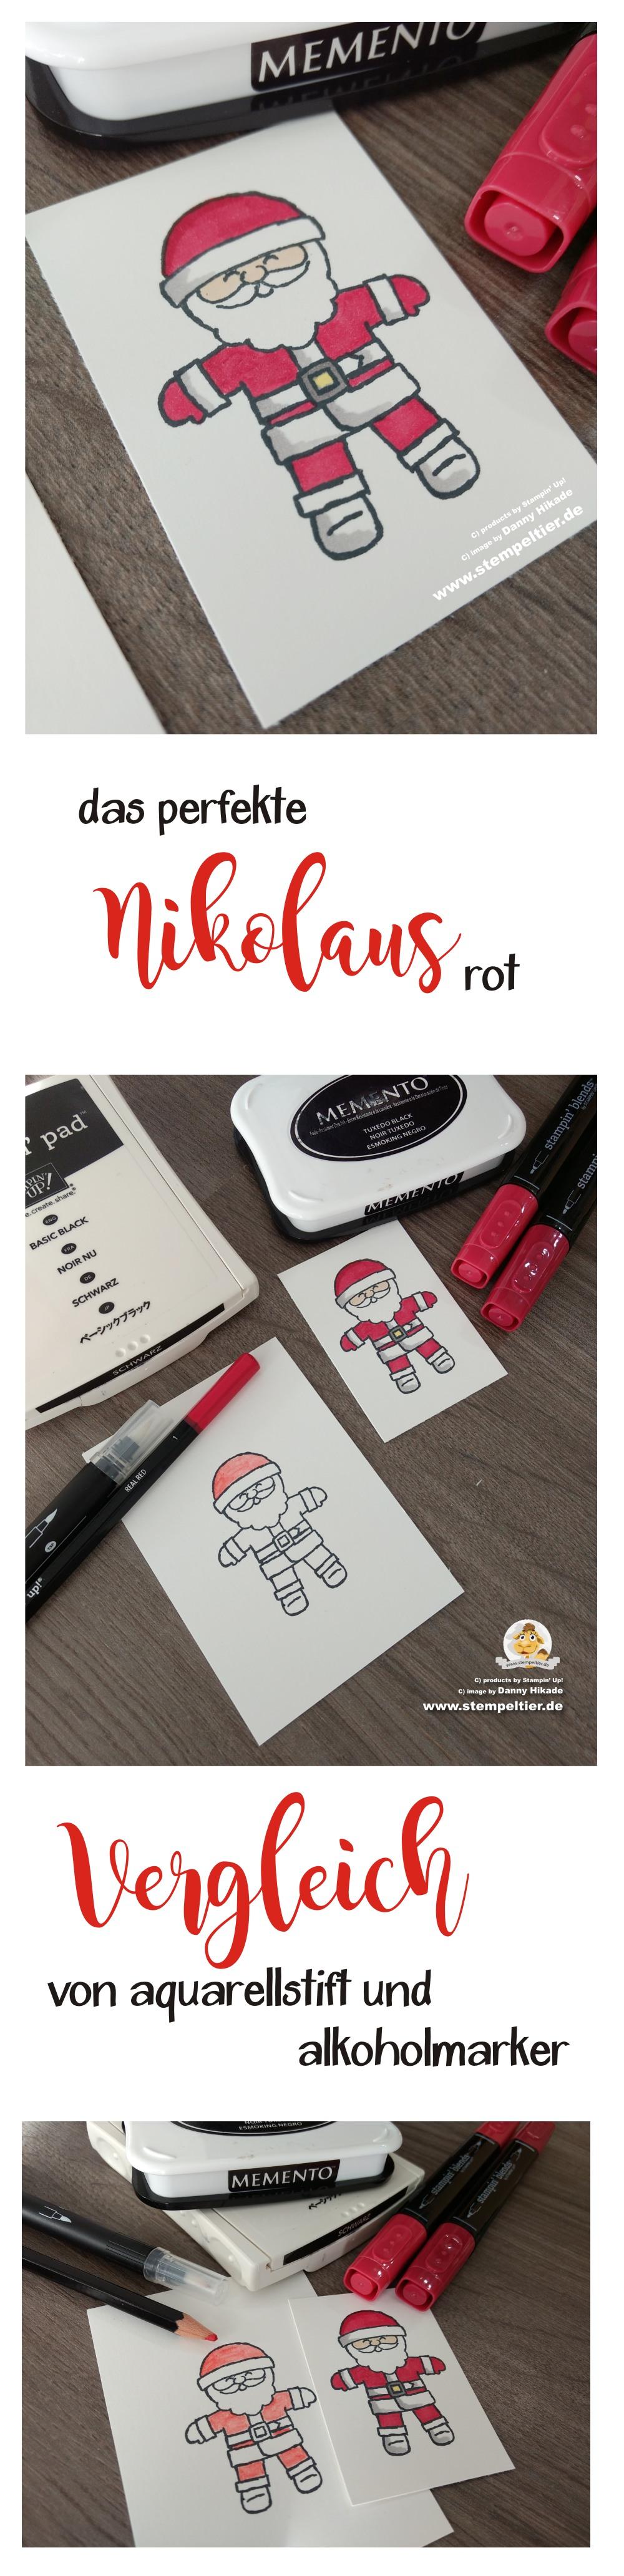 stampin up blends alkoholmarker colorieren weihnachten basteln diy santa nikolaus